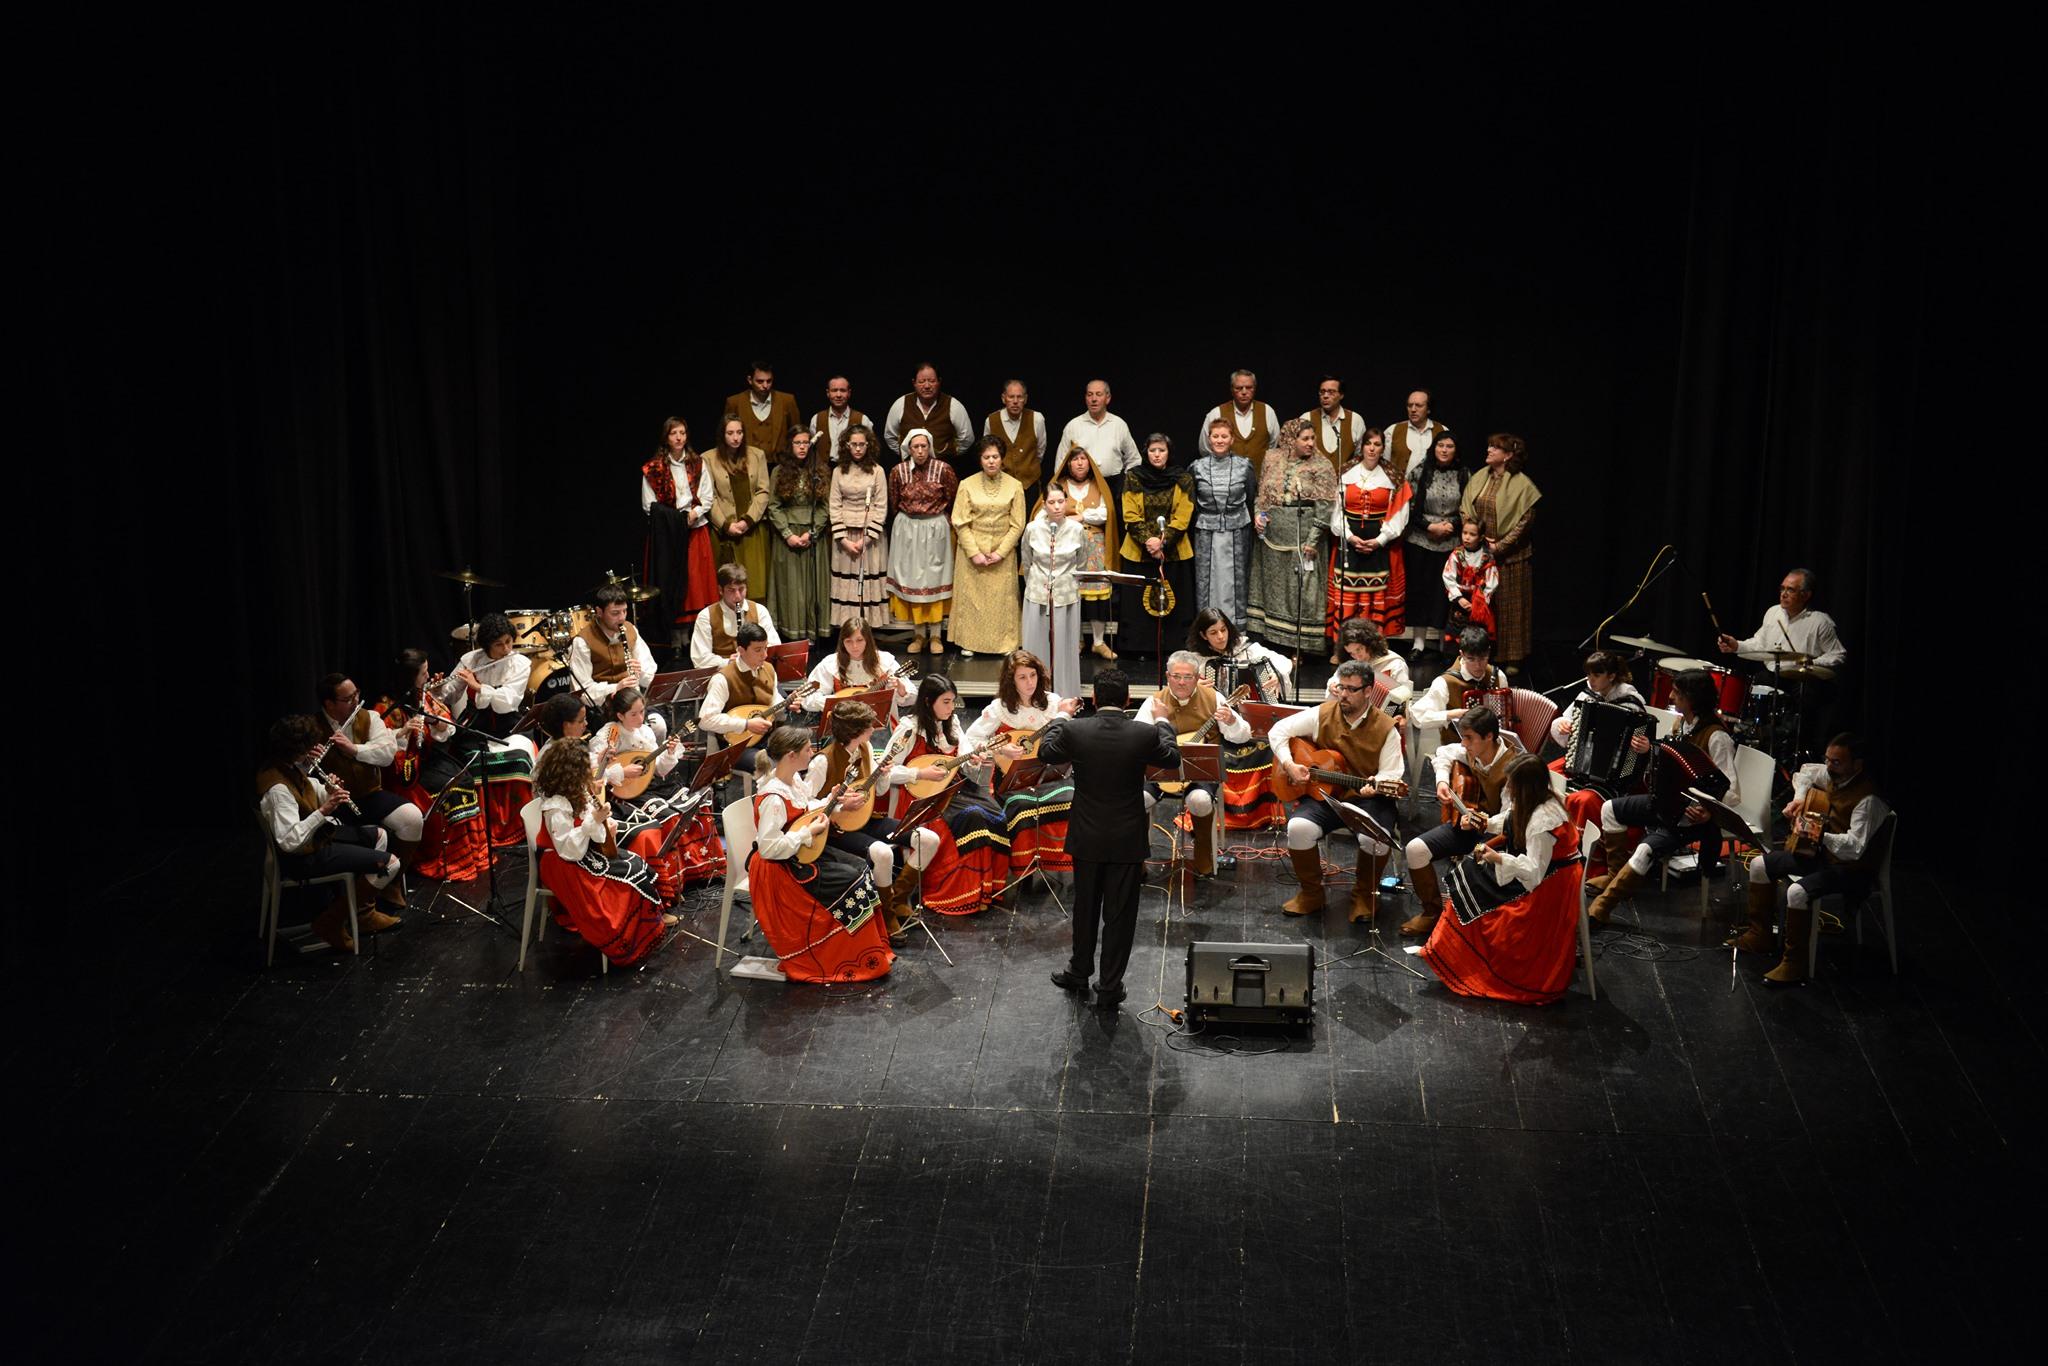 Folhas Novas - Orquestra Típica Albicastrense